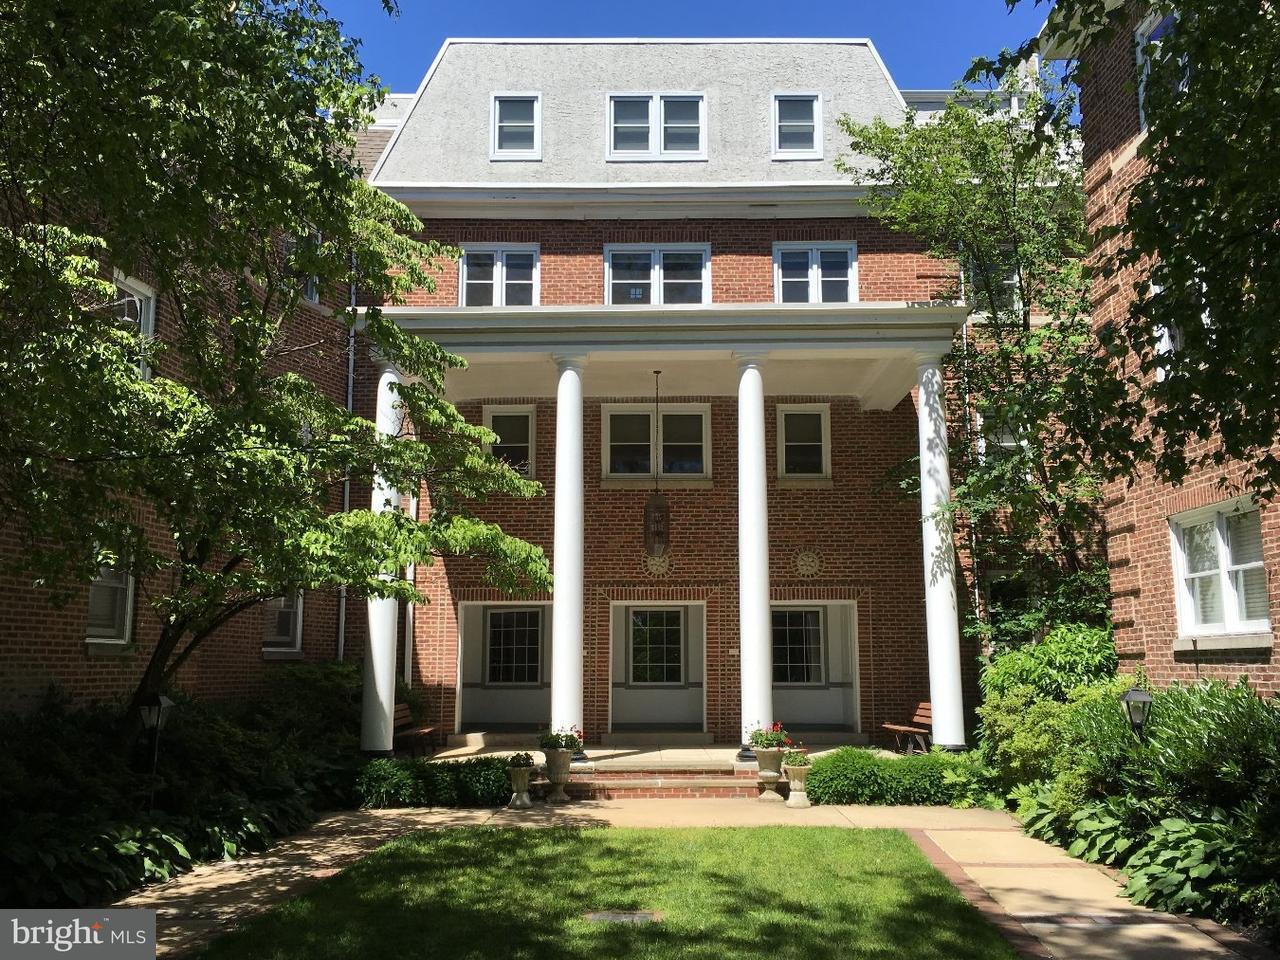 Casa Unifamiliar por un Alquiler en 237 W MONTGOMERY AVE #3R Haverford, Pennsylvania 19041 Estados Unidos